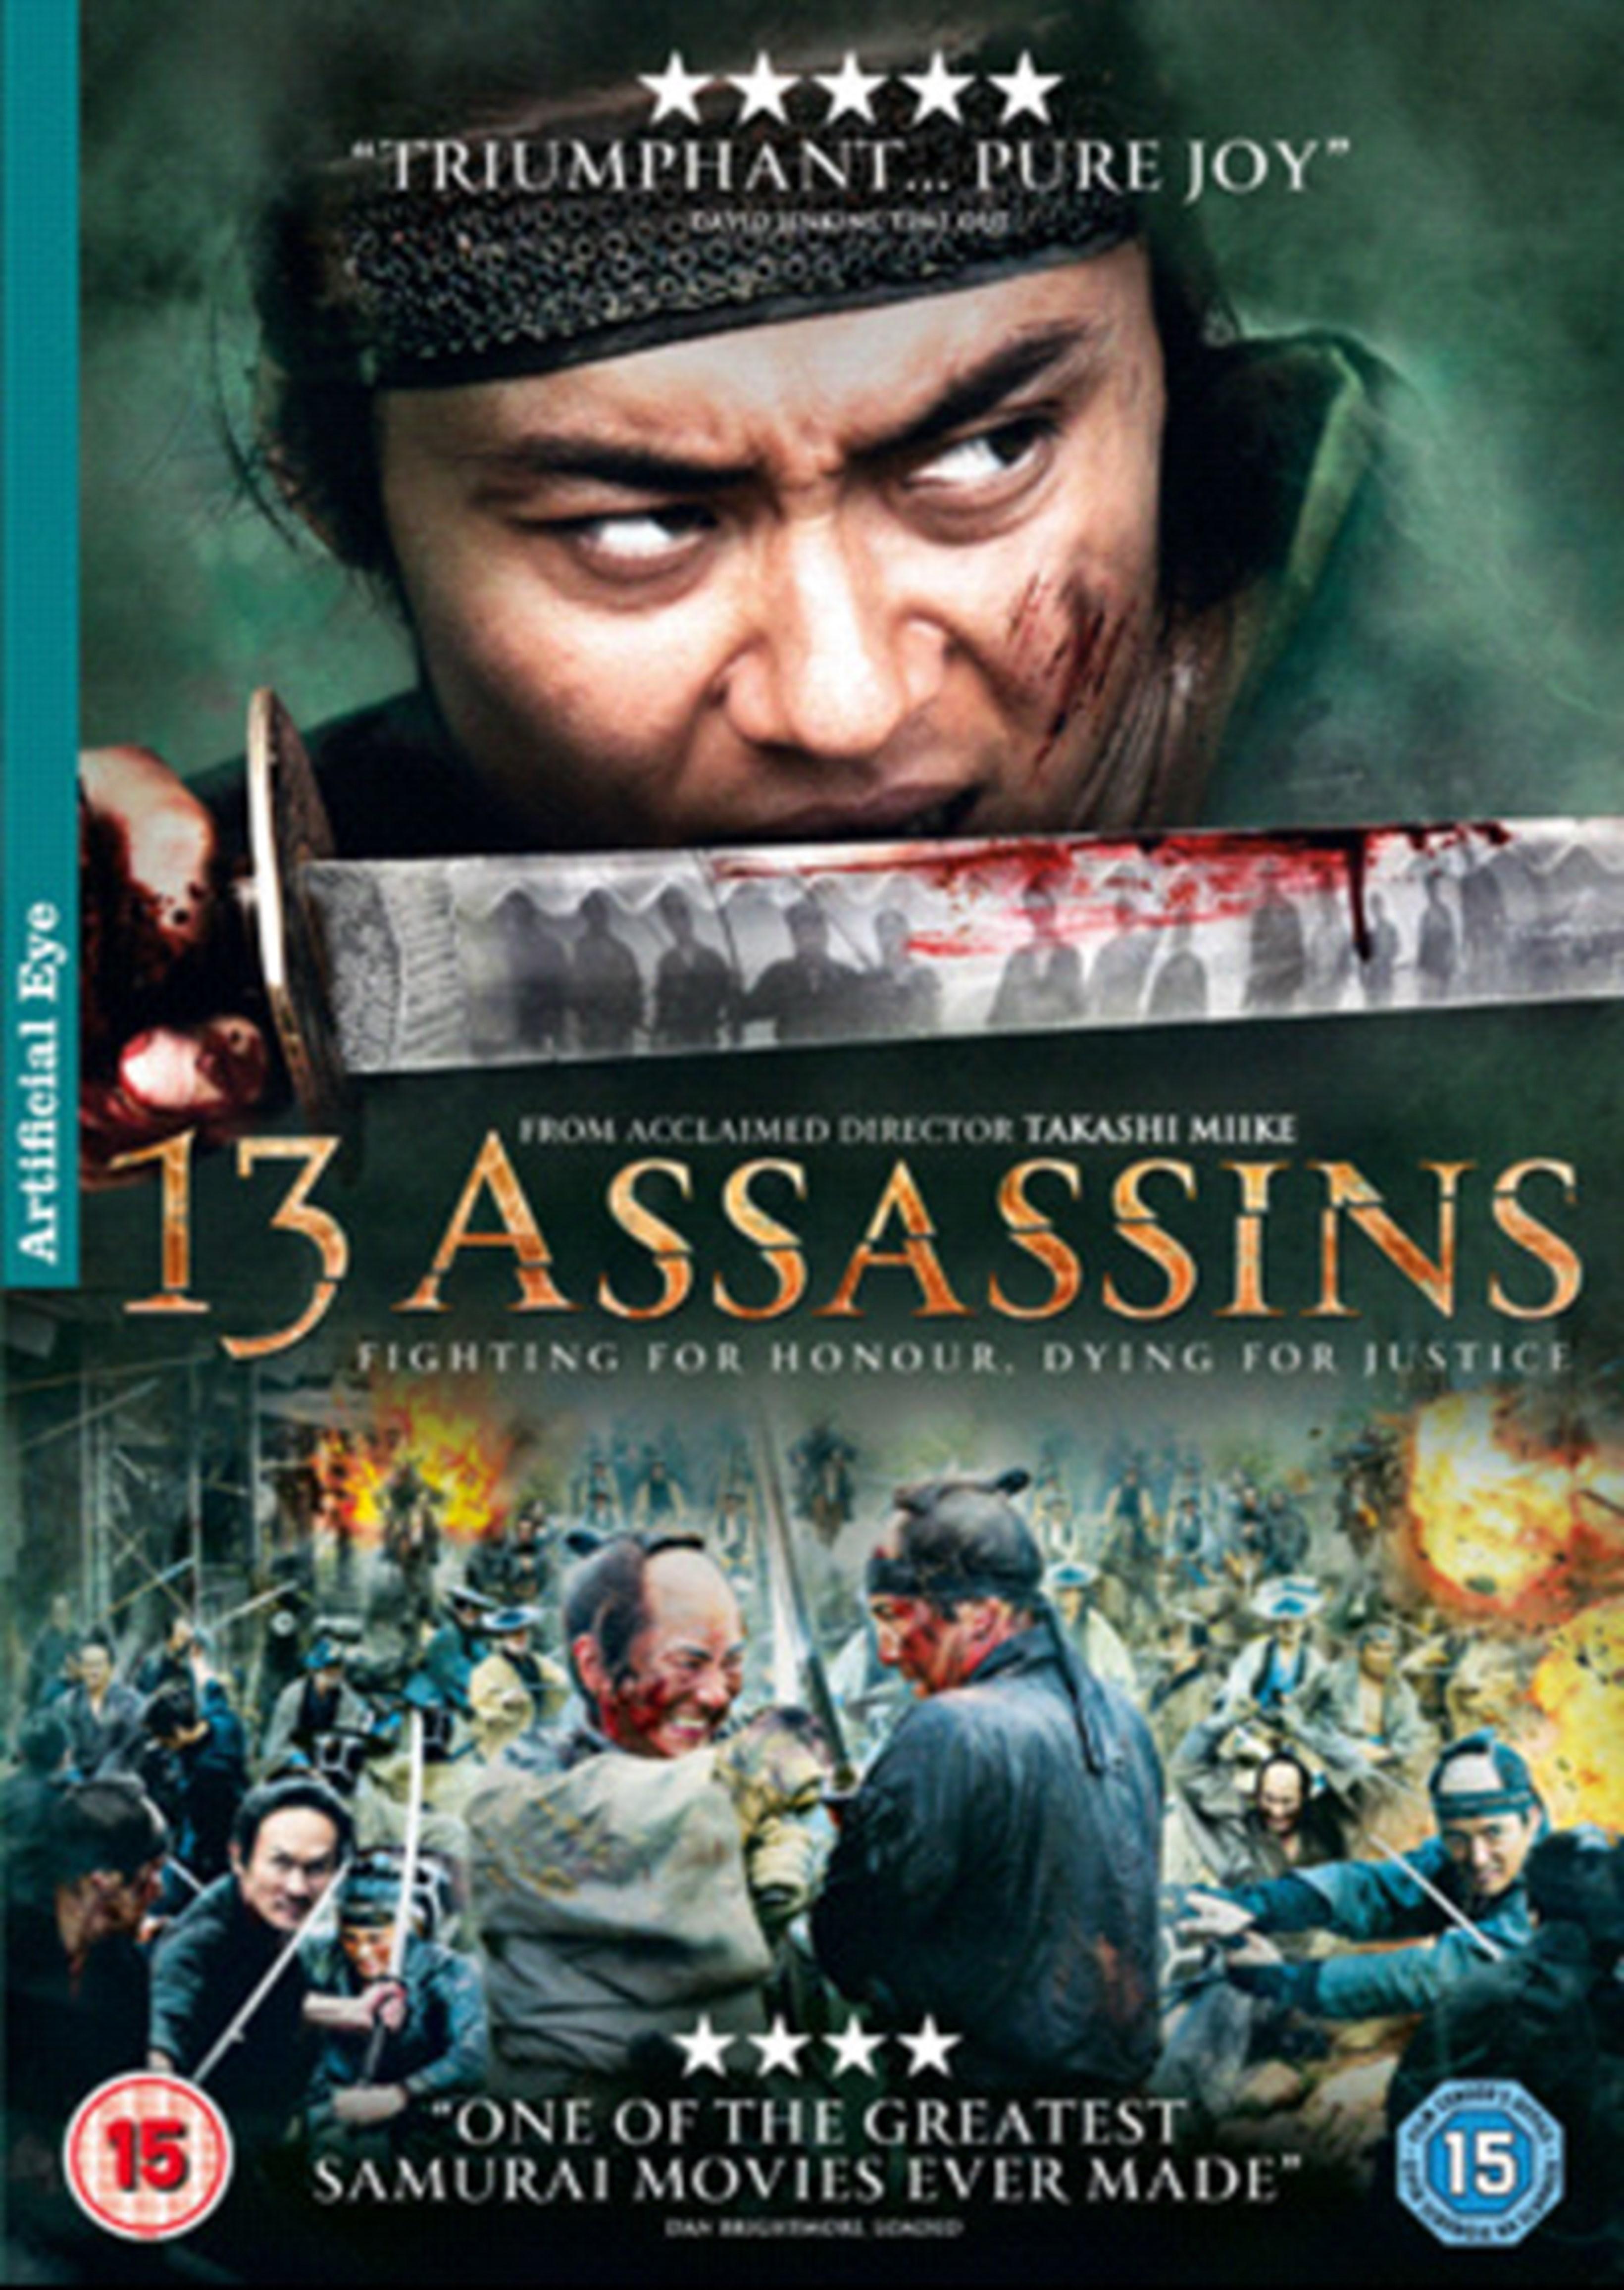 13 Assassins - 1